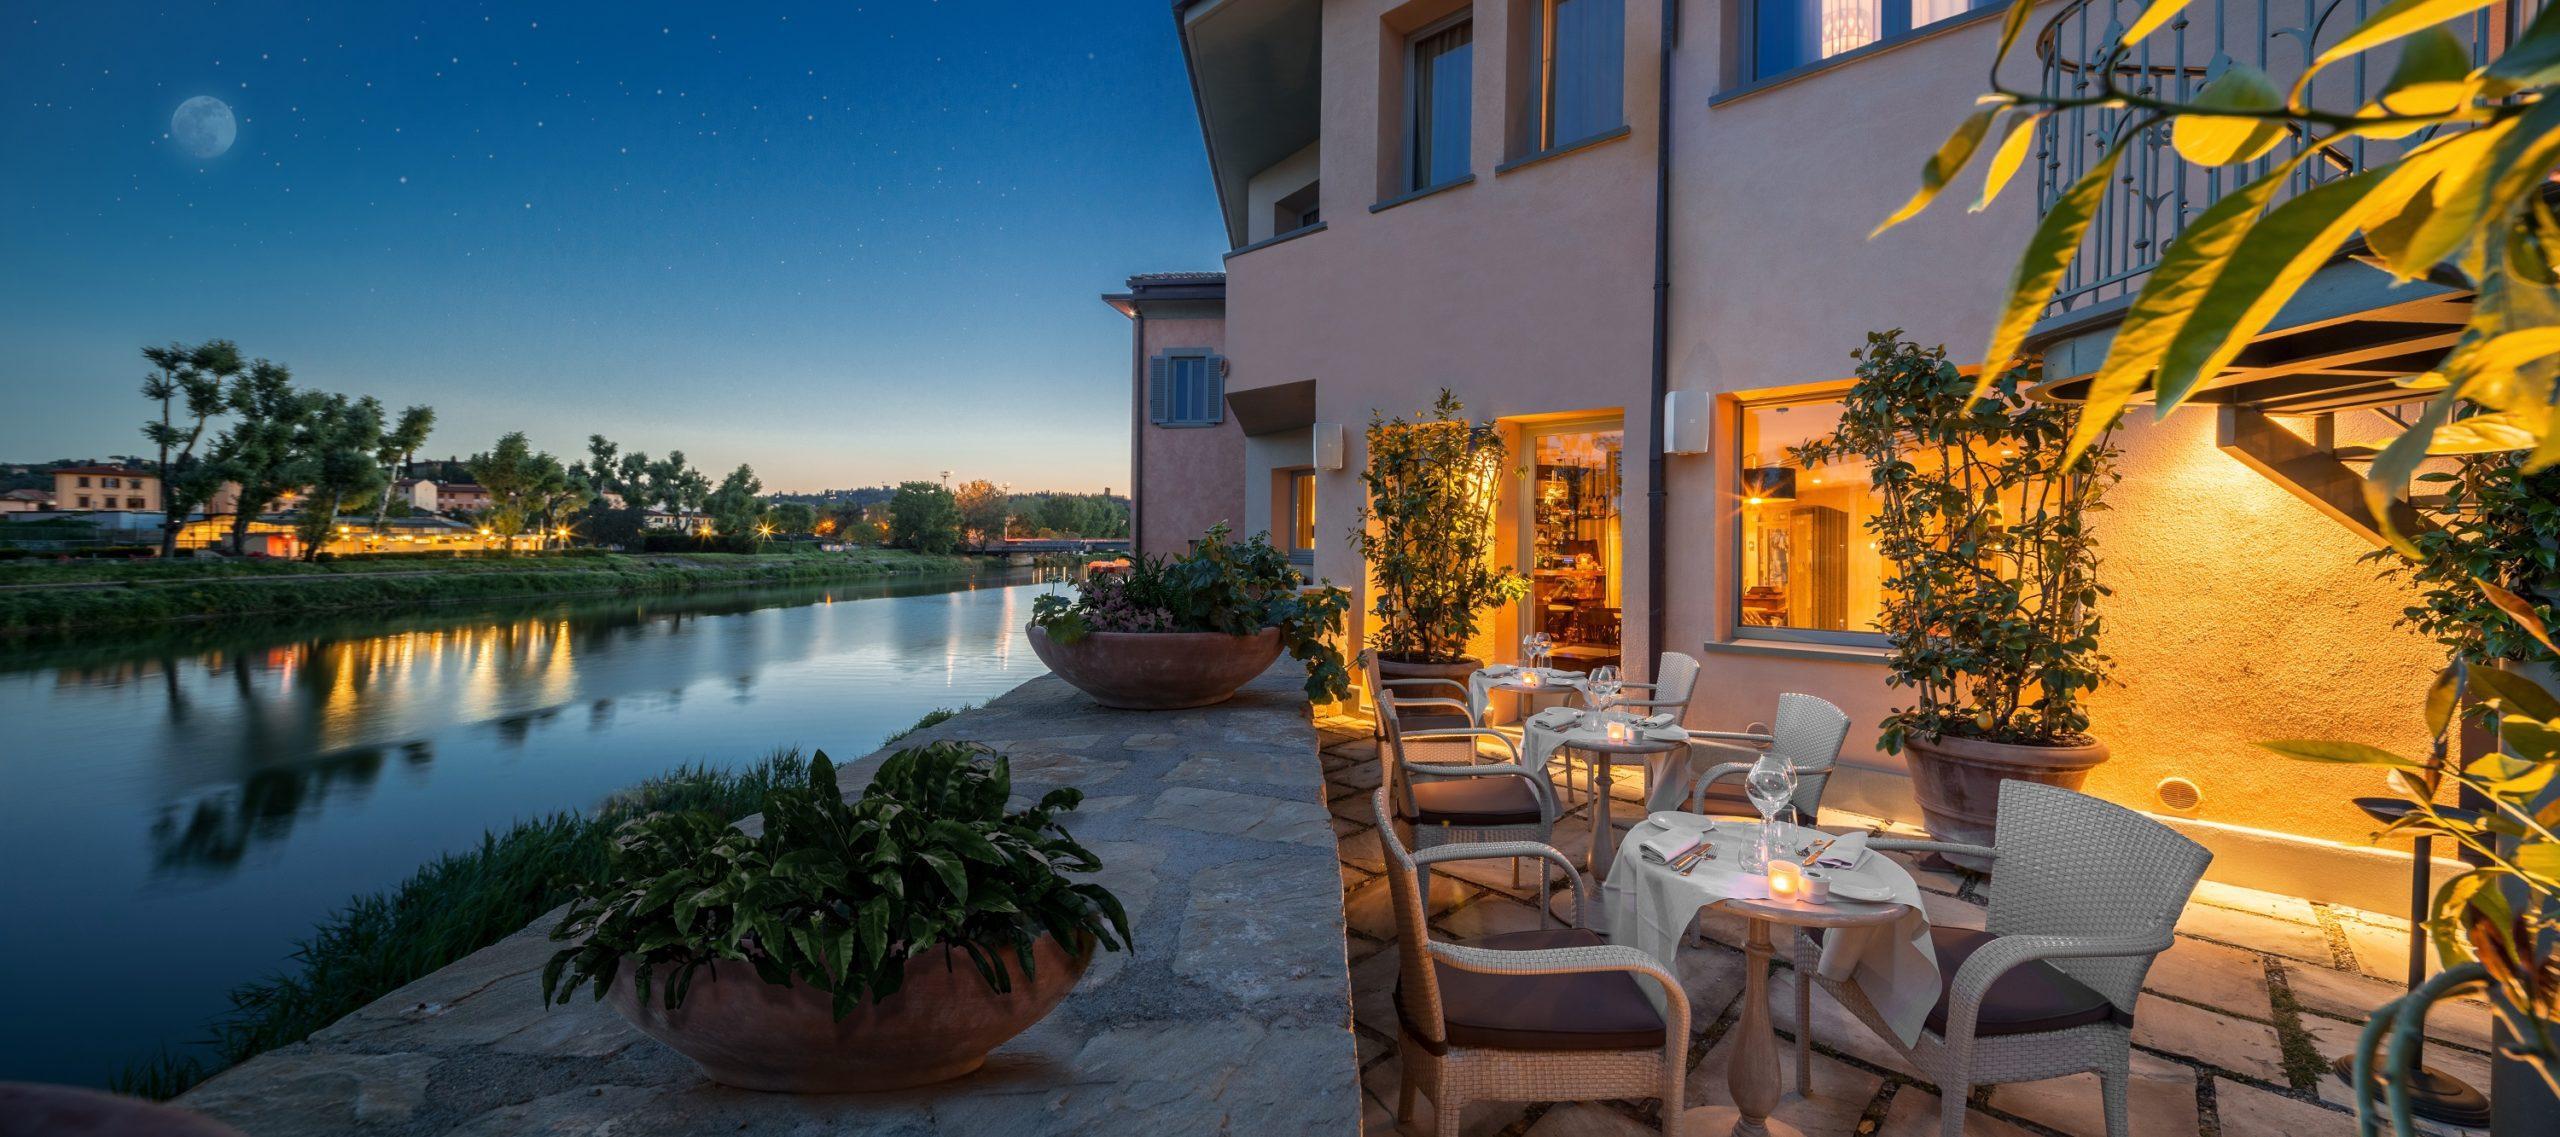 Autentico Hotels, l'essenza del lusso in ogni sua sfumatura per l'estate italiana